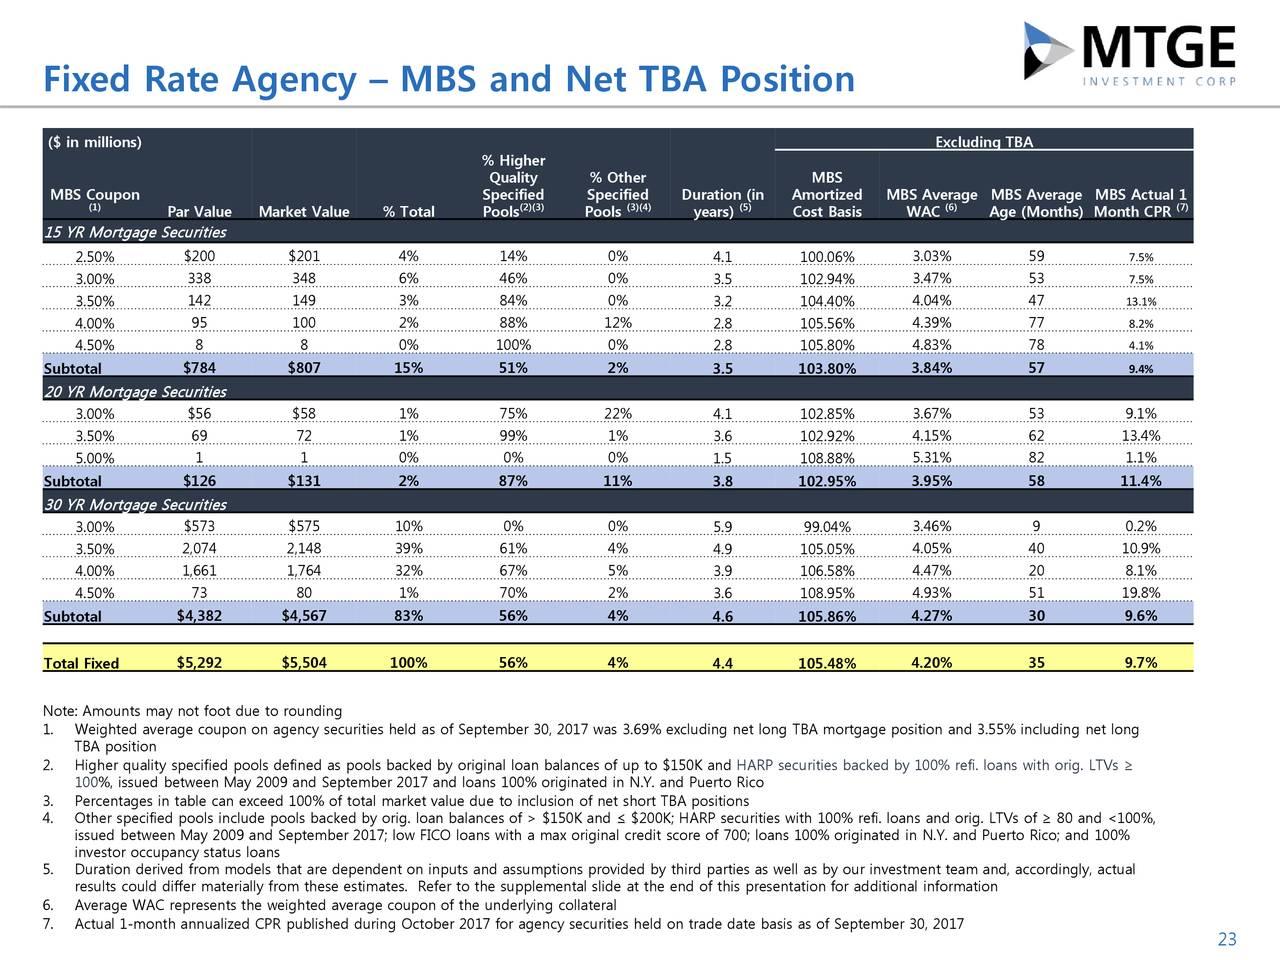 MTGE Investment Corp. 2017 Q3